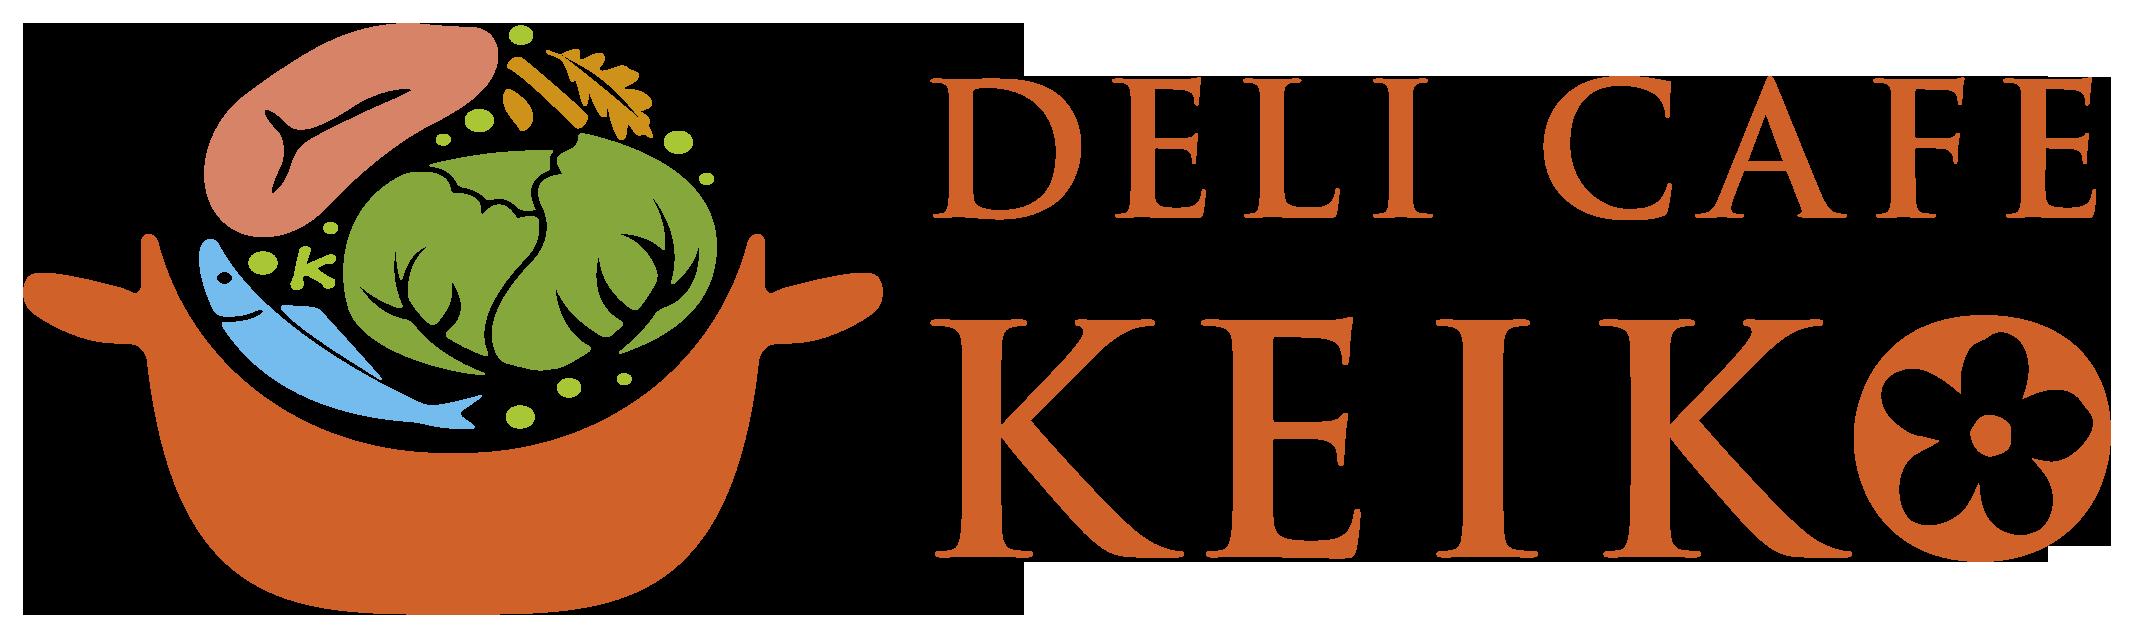 デリカフェケイコ